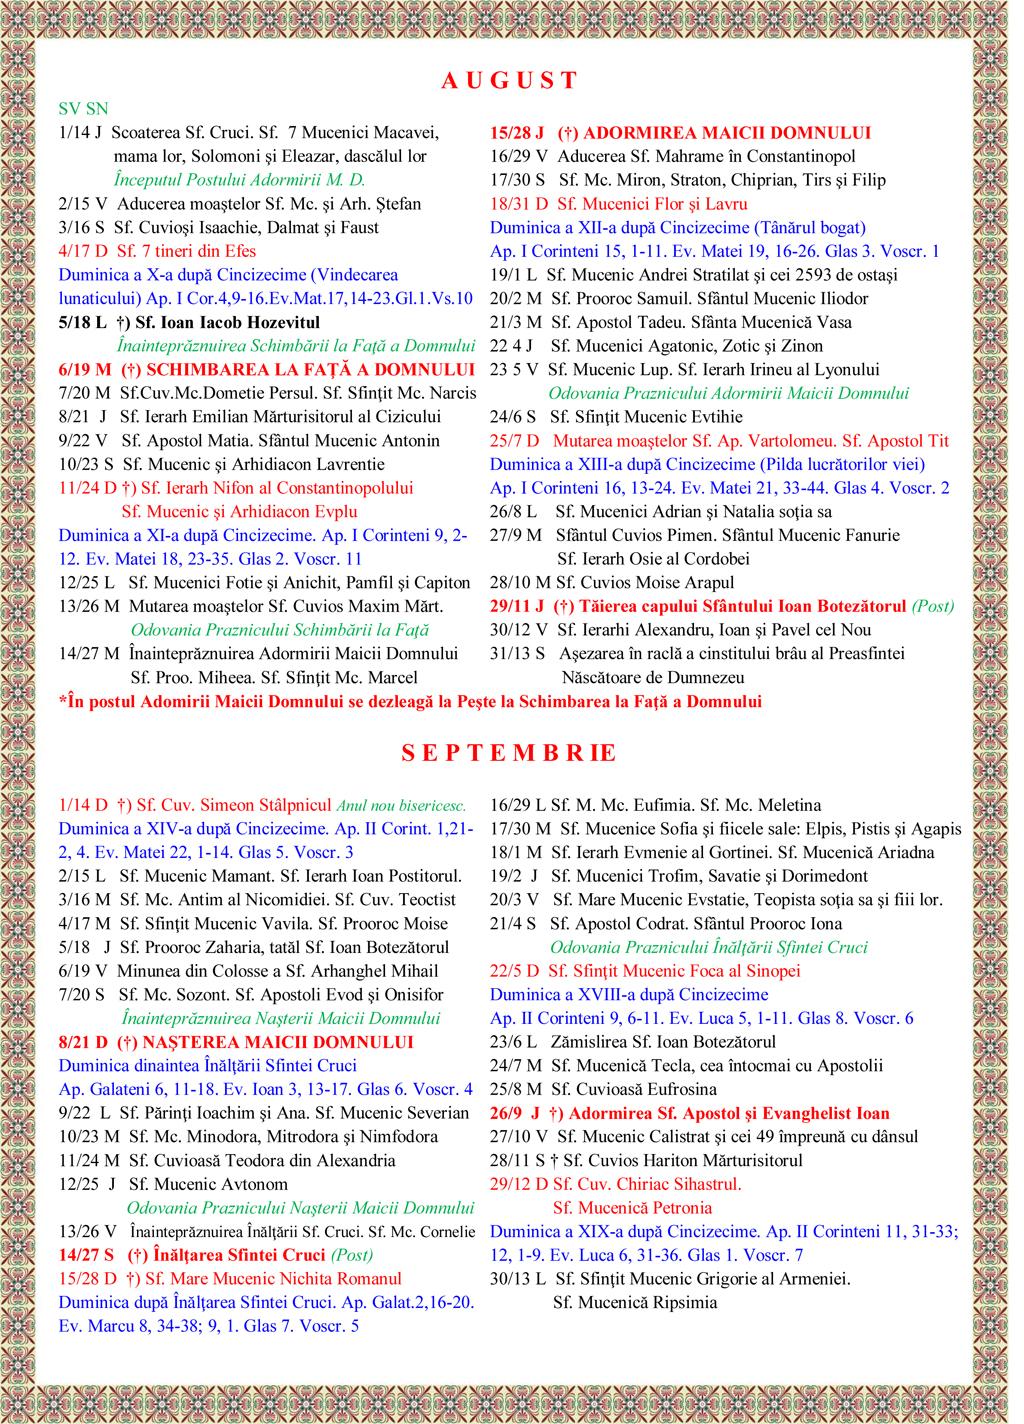 Calendar Crestin Ortodox.Calendar Crestin Ortodox Stil Vechi 2014 Pdf